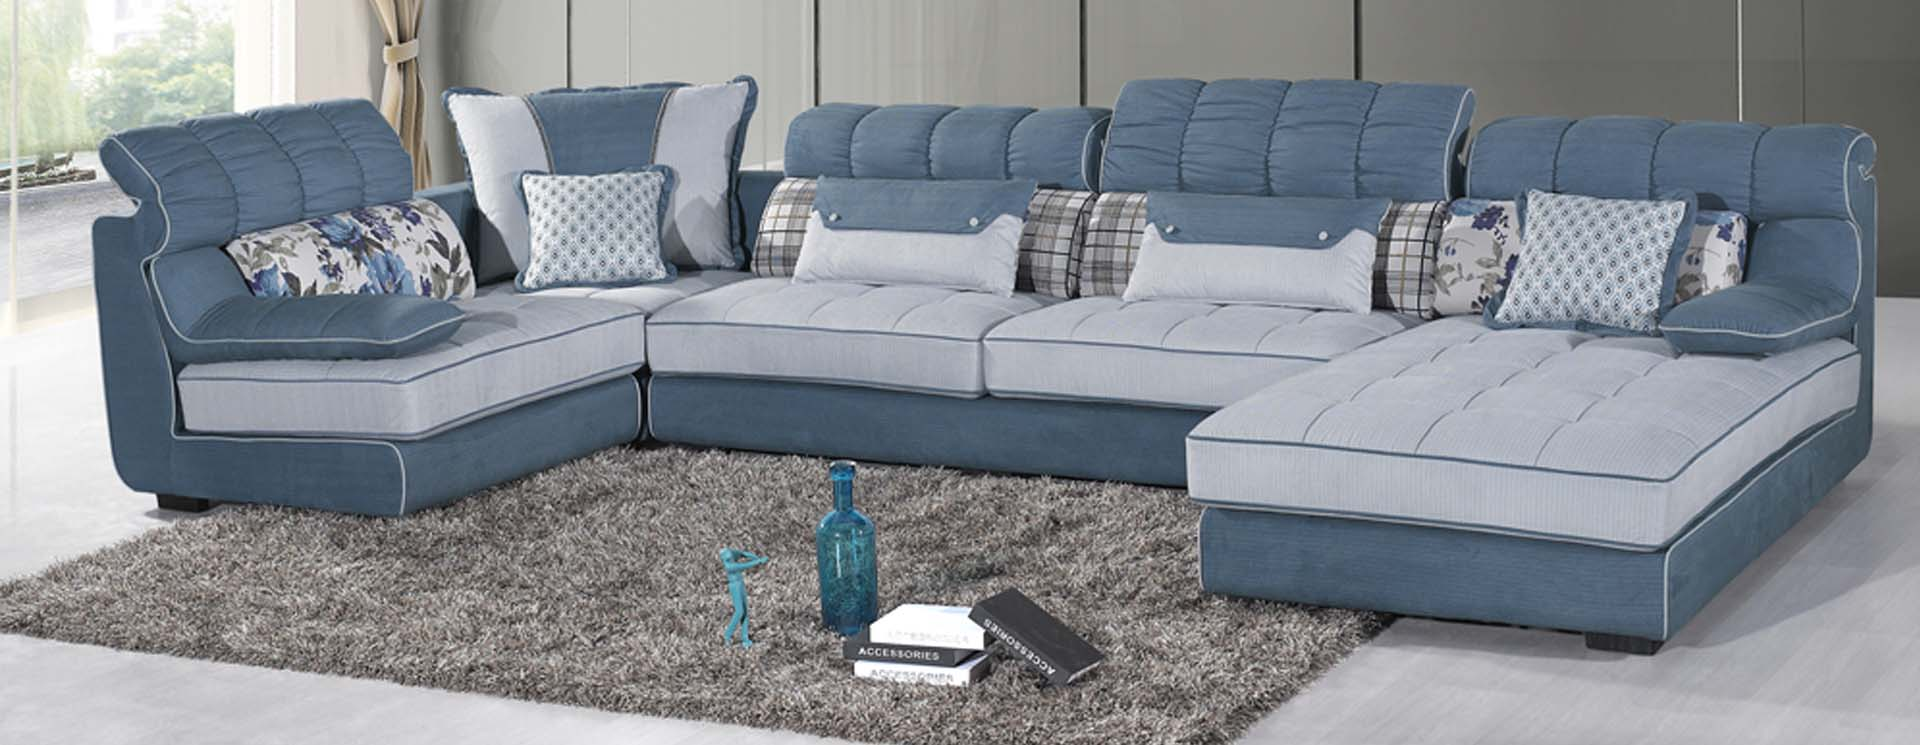 名称:沙发E-695A#<br/> 市场价:<font style='color:#999;text-decoration:line-through;'>¥0</font><br />全国统一零售价:<font color='Red'>¥0.0</font>